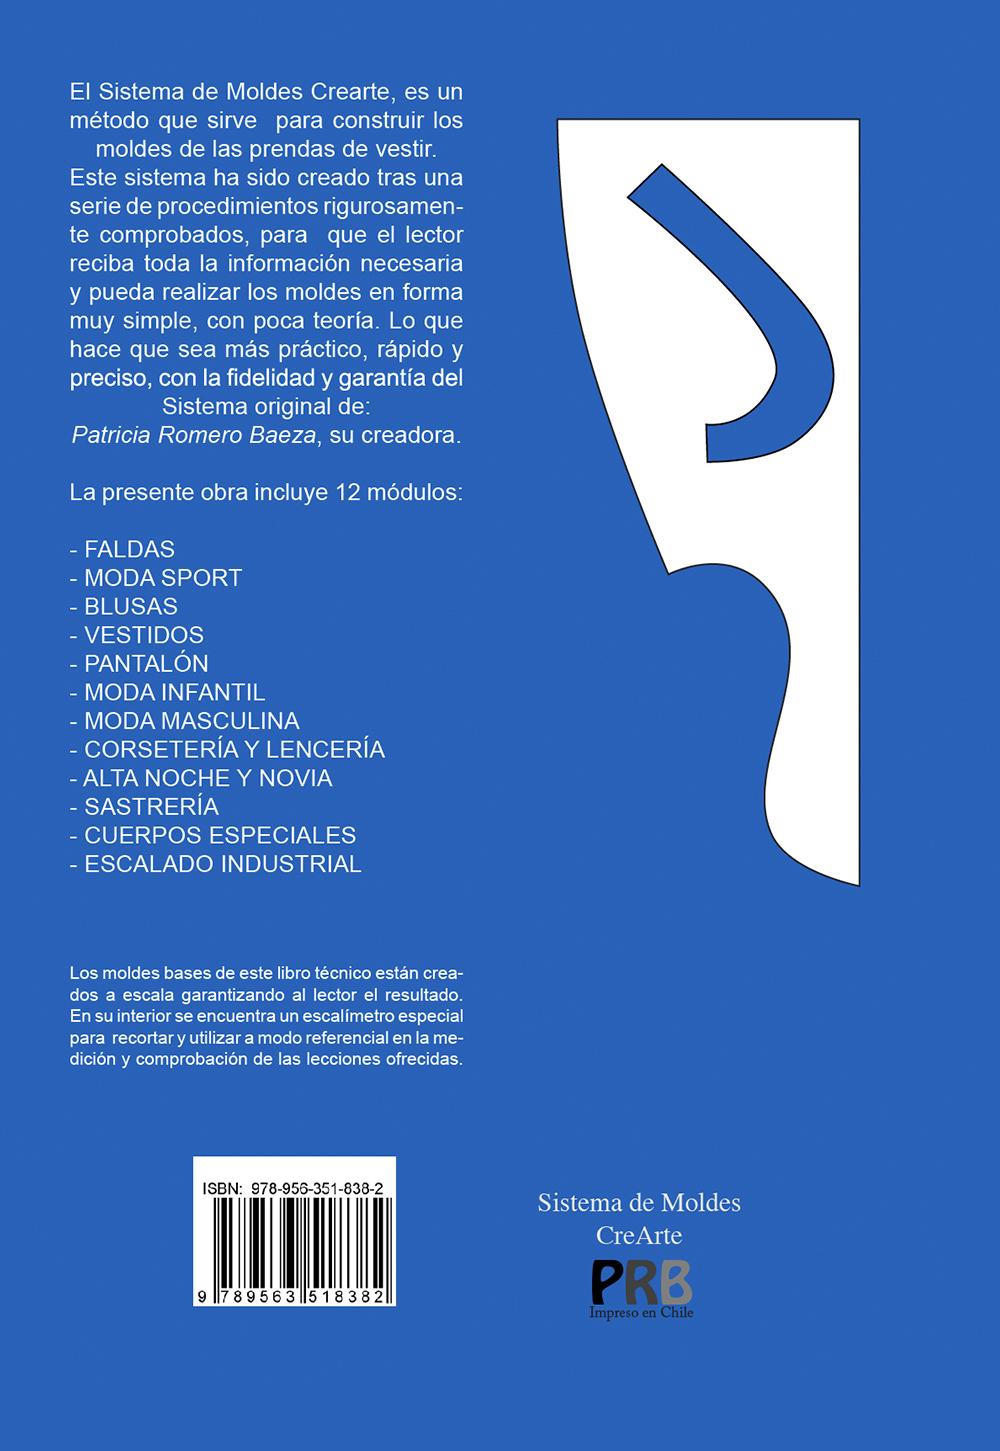 LIBRO: Sistema de Moldes Crearte